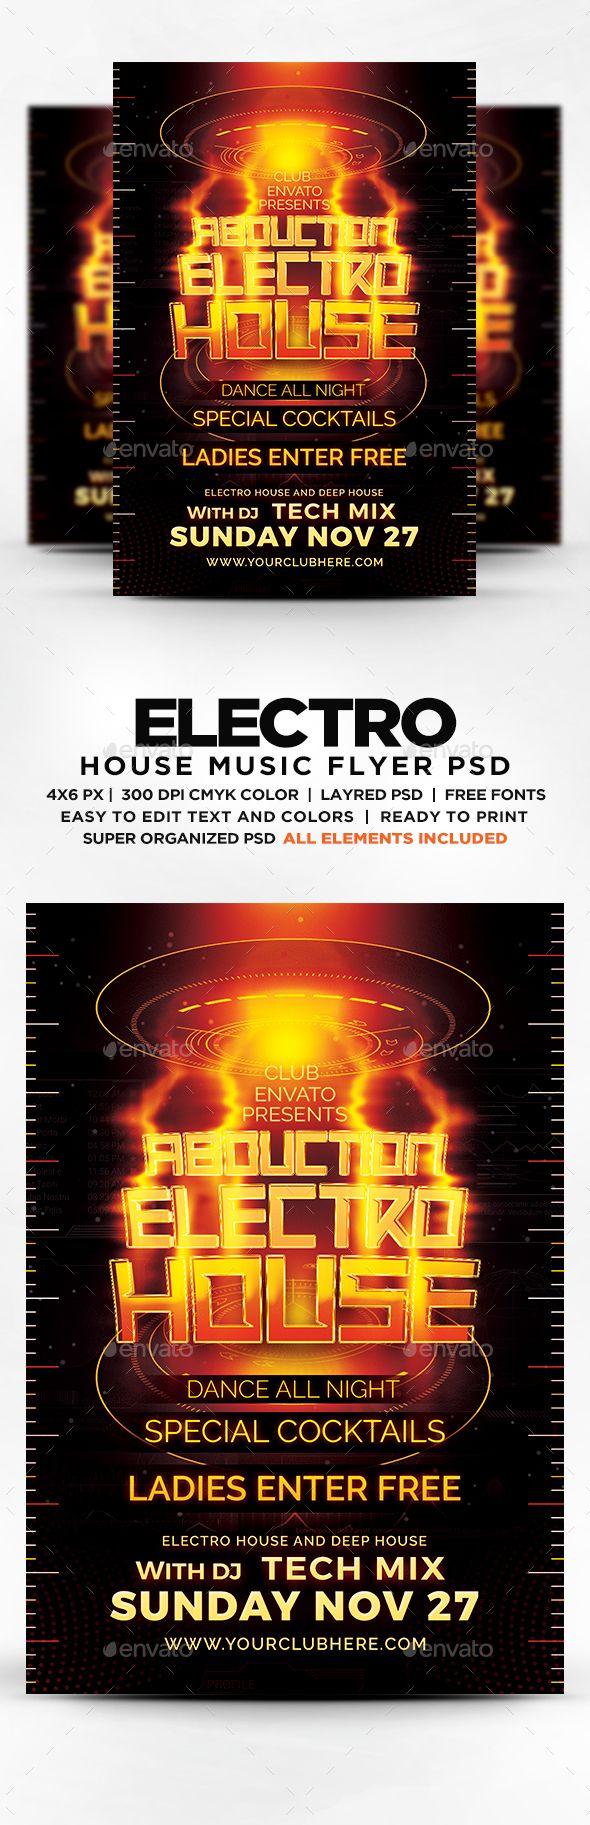 Electro house layout